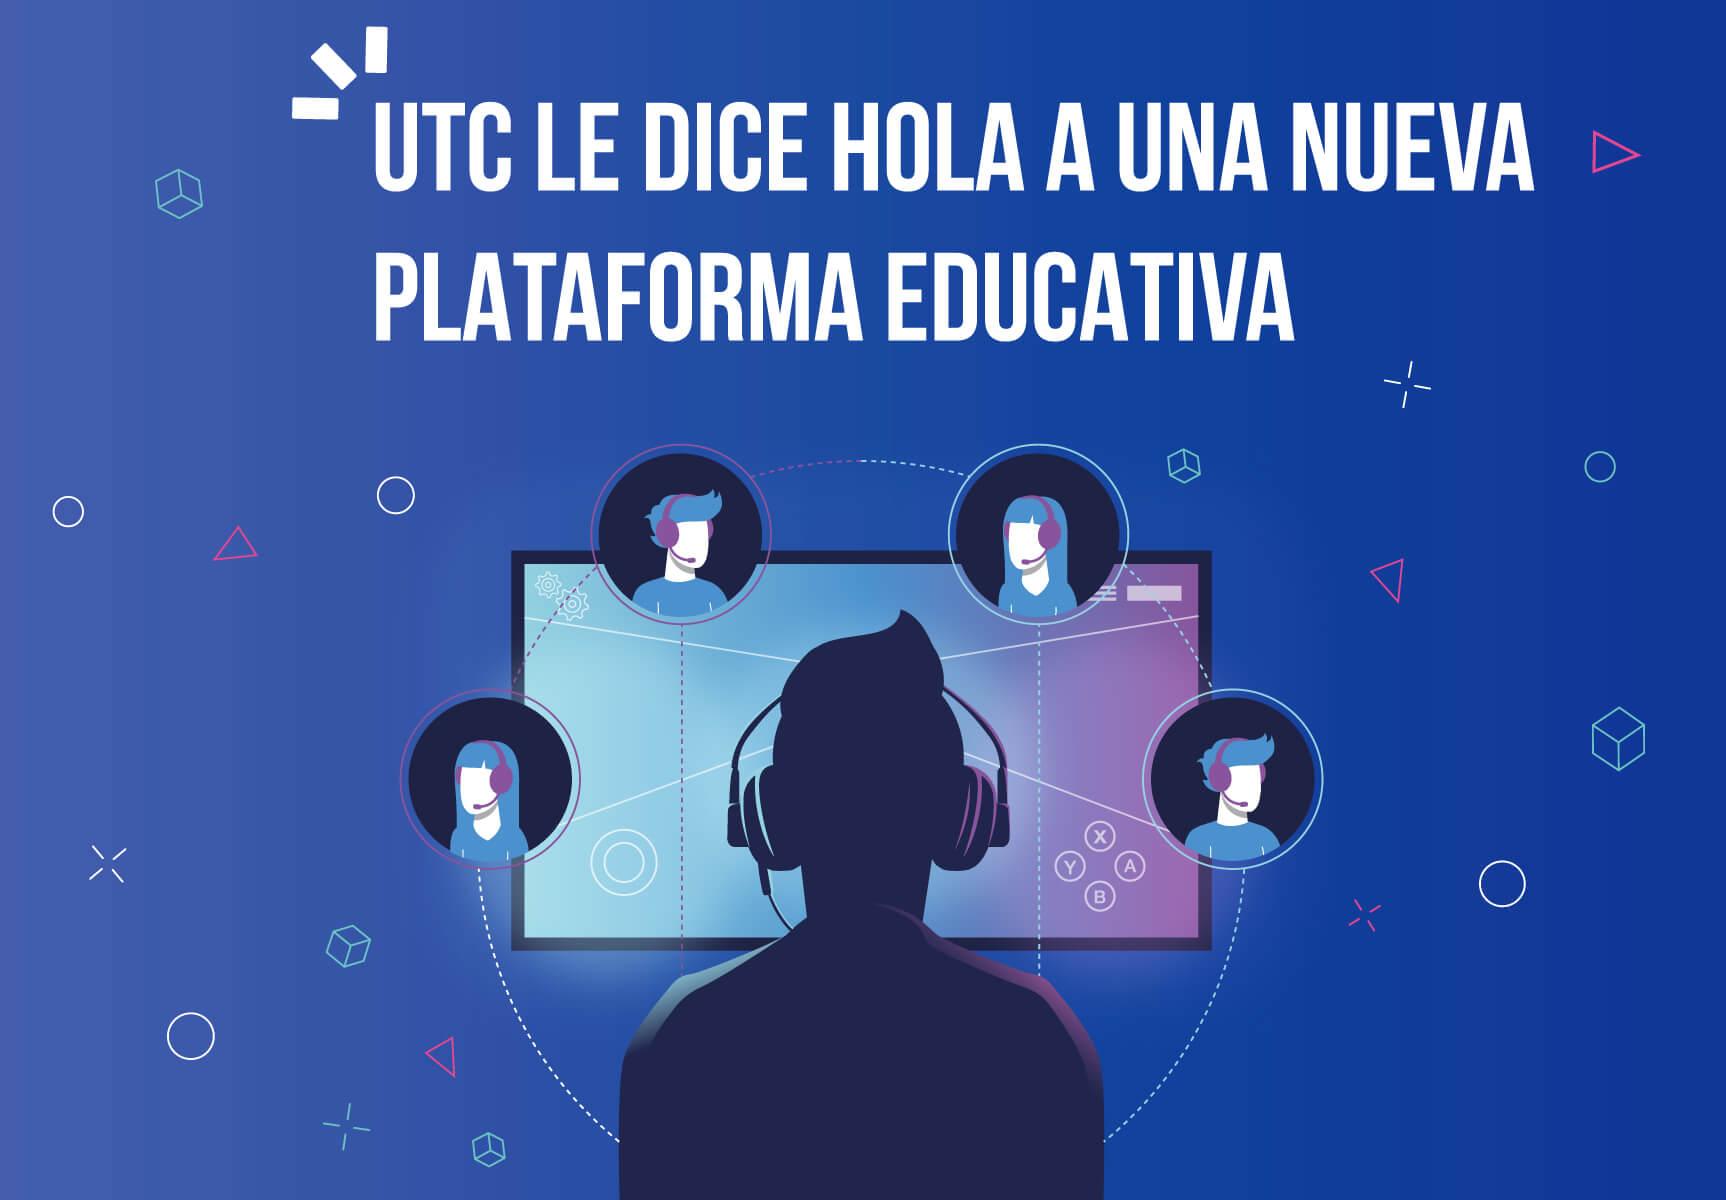 UTC le dice hola a una nueva plataforma educativa